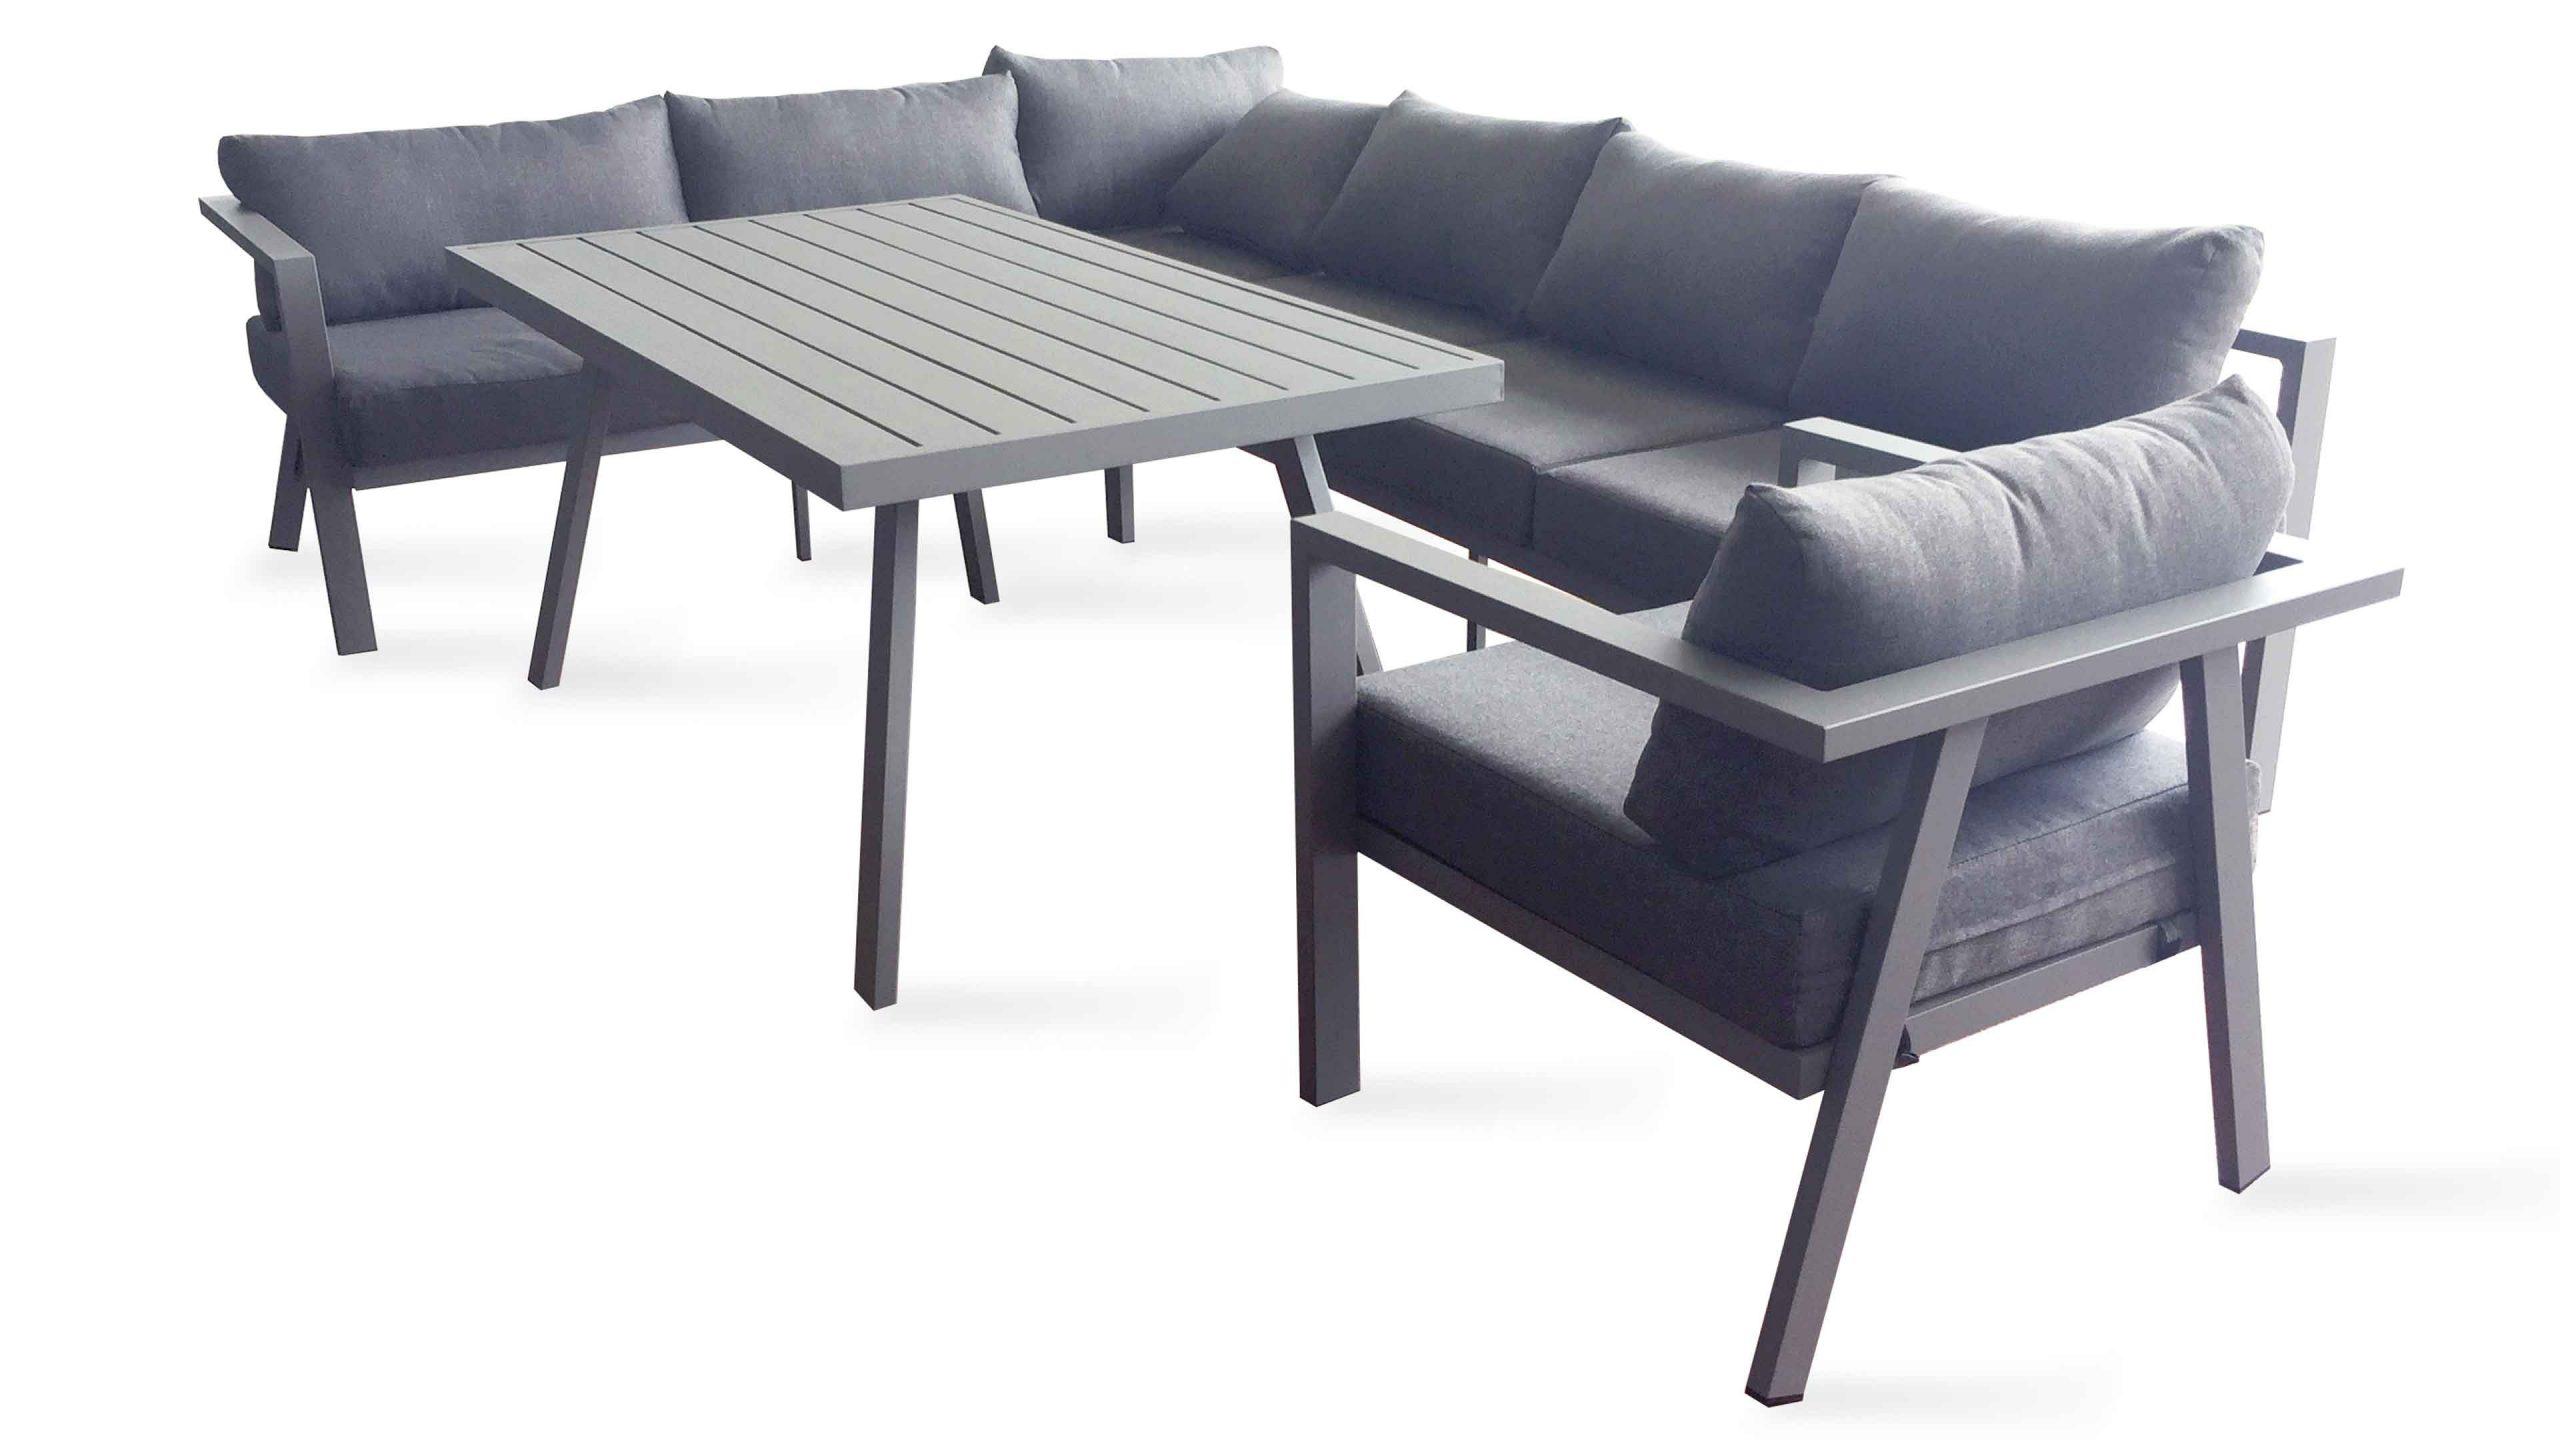 Salon De Jardin Angle Aluminium - The Best Undercut Ponytail dedans Salon De Jardin Bas Aluminium